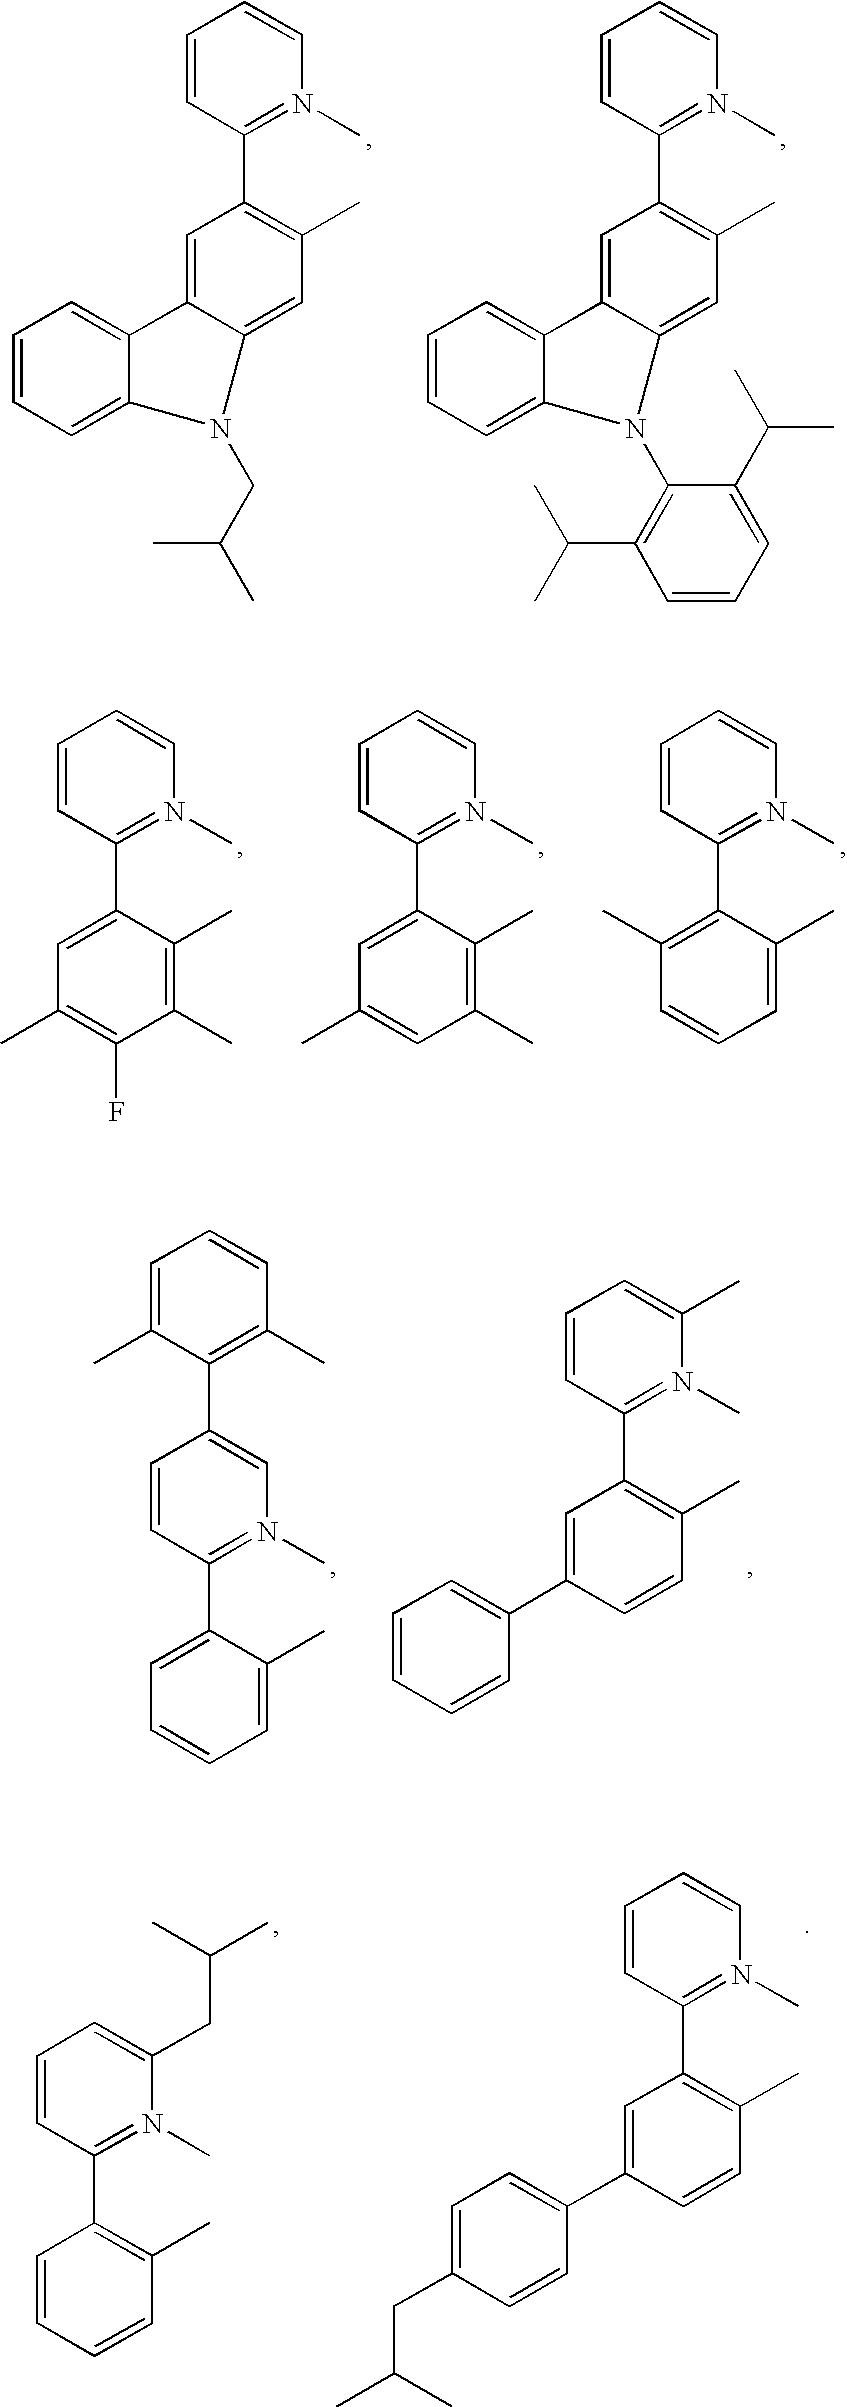 Figure US20090108737A1-20090430-C00228